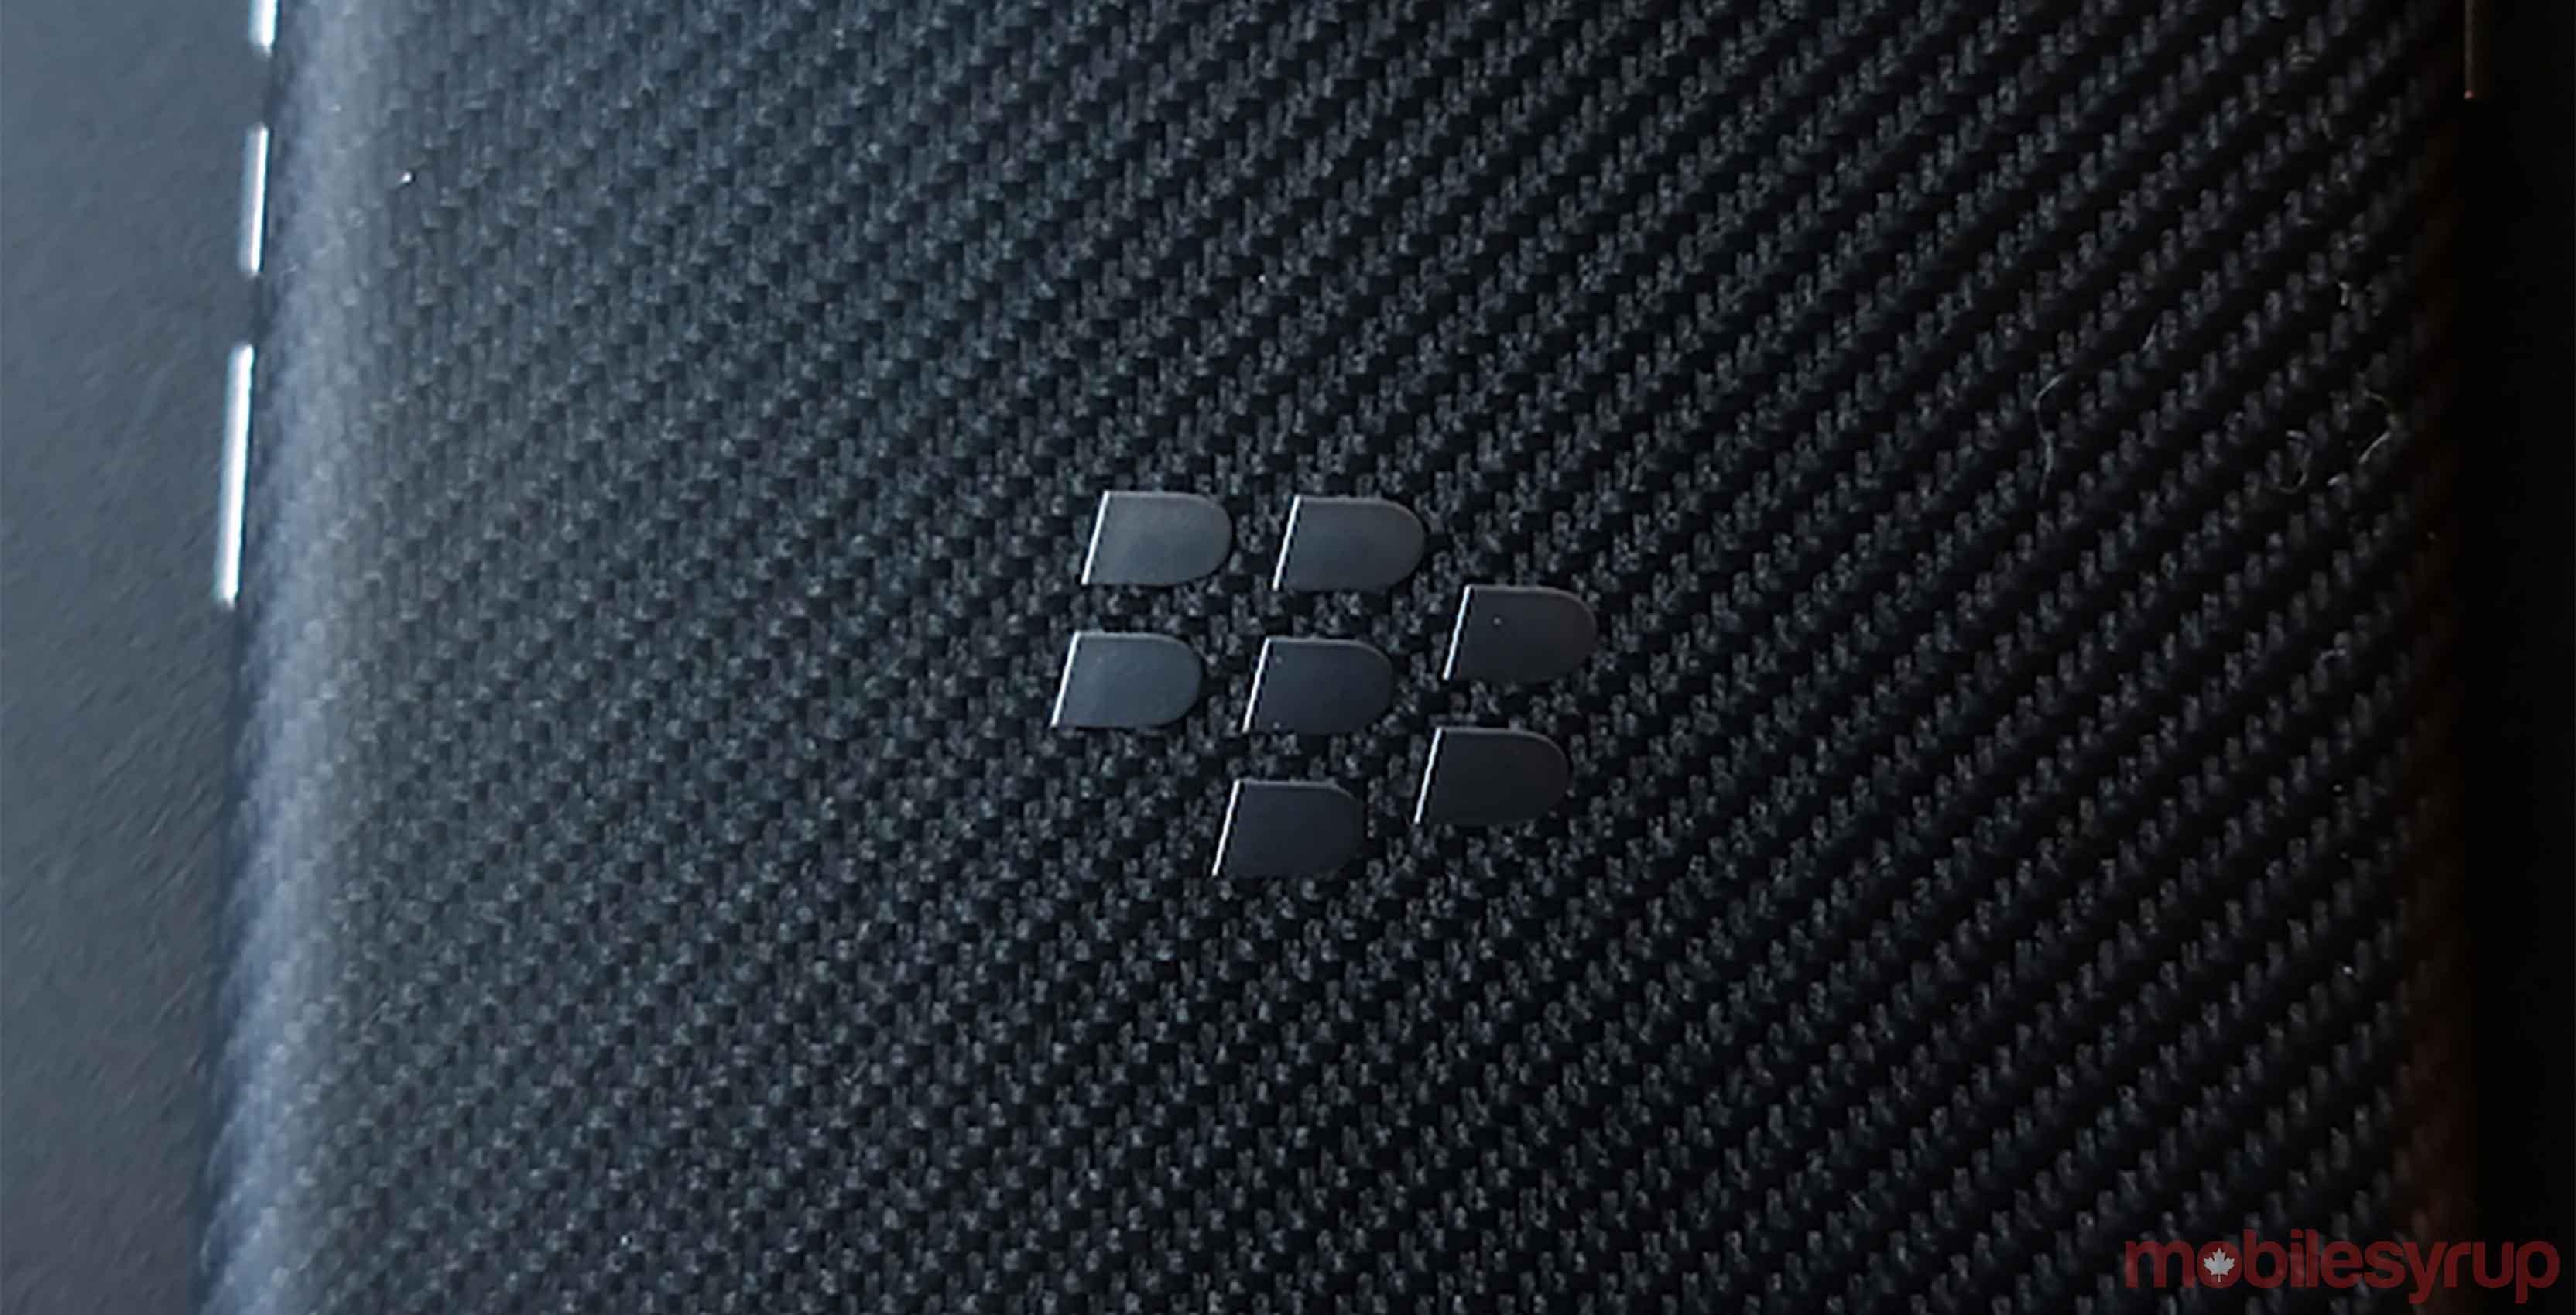 BlackBerry earning report